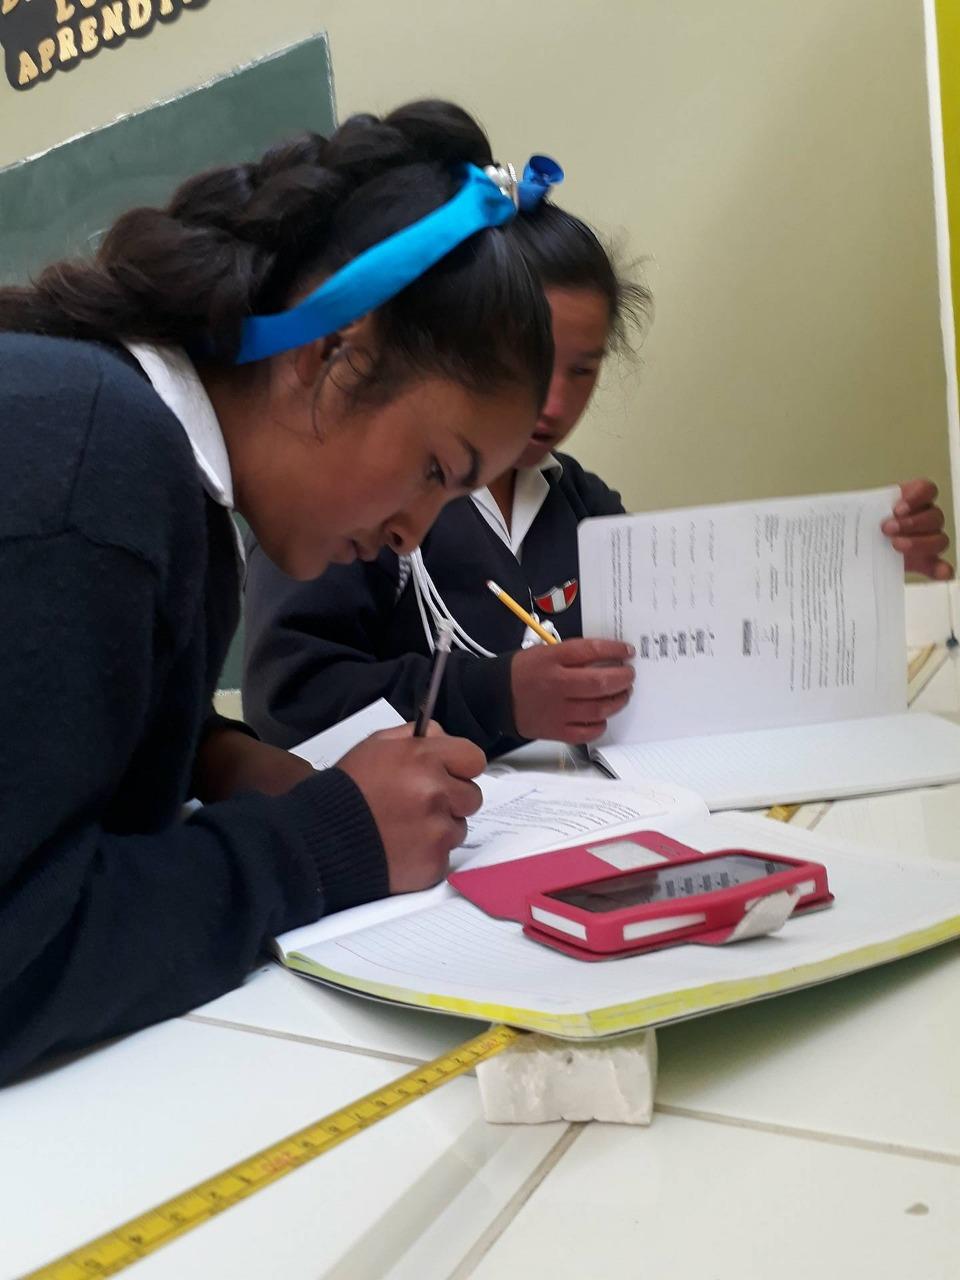 DEJANDO HUELLA EN LAS CIENCIAS    PEP: Lorena Apaza - Química  GRADO: 1ro a 5to de secundaria  REGIÓN: Ancash   Potenciar el interés y capacidades en ciencia, tecnología y ambiente de los estudiantes de Huari.